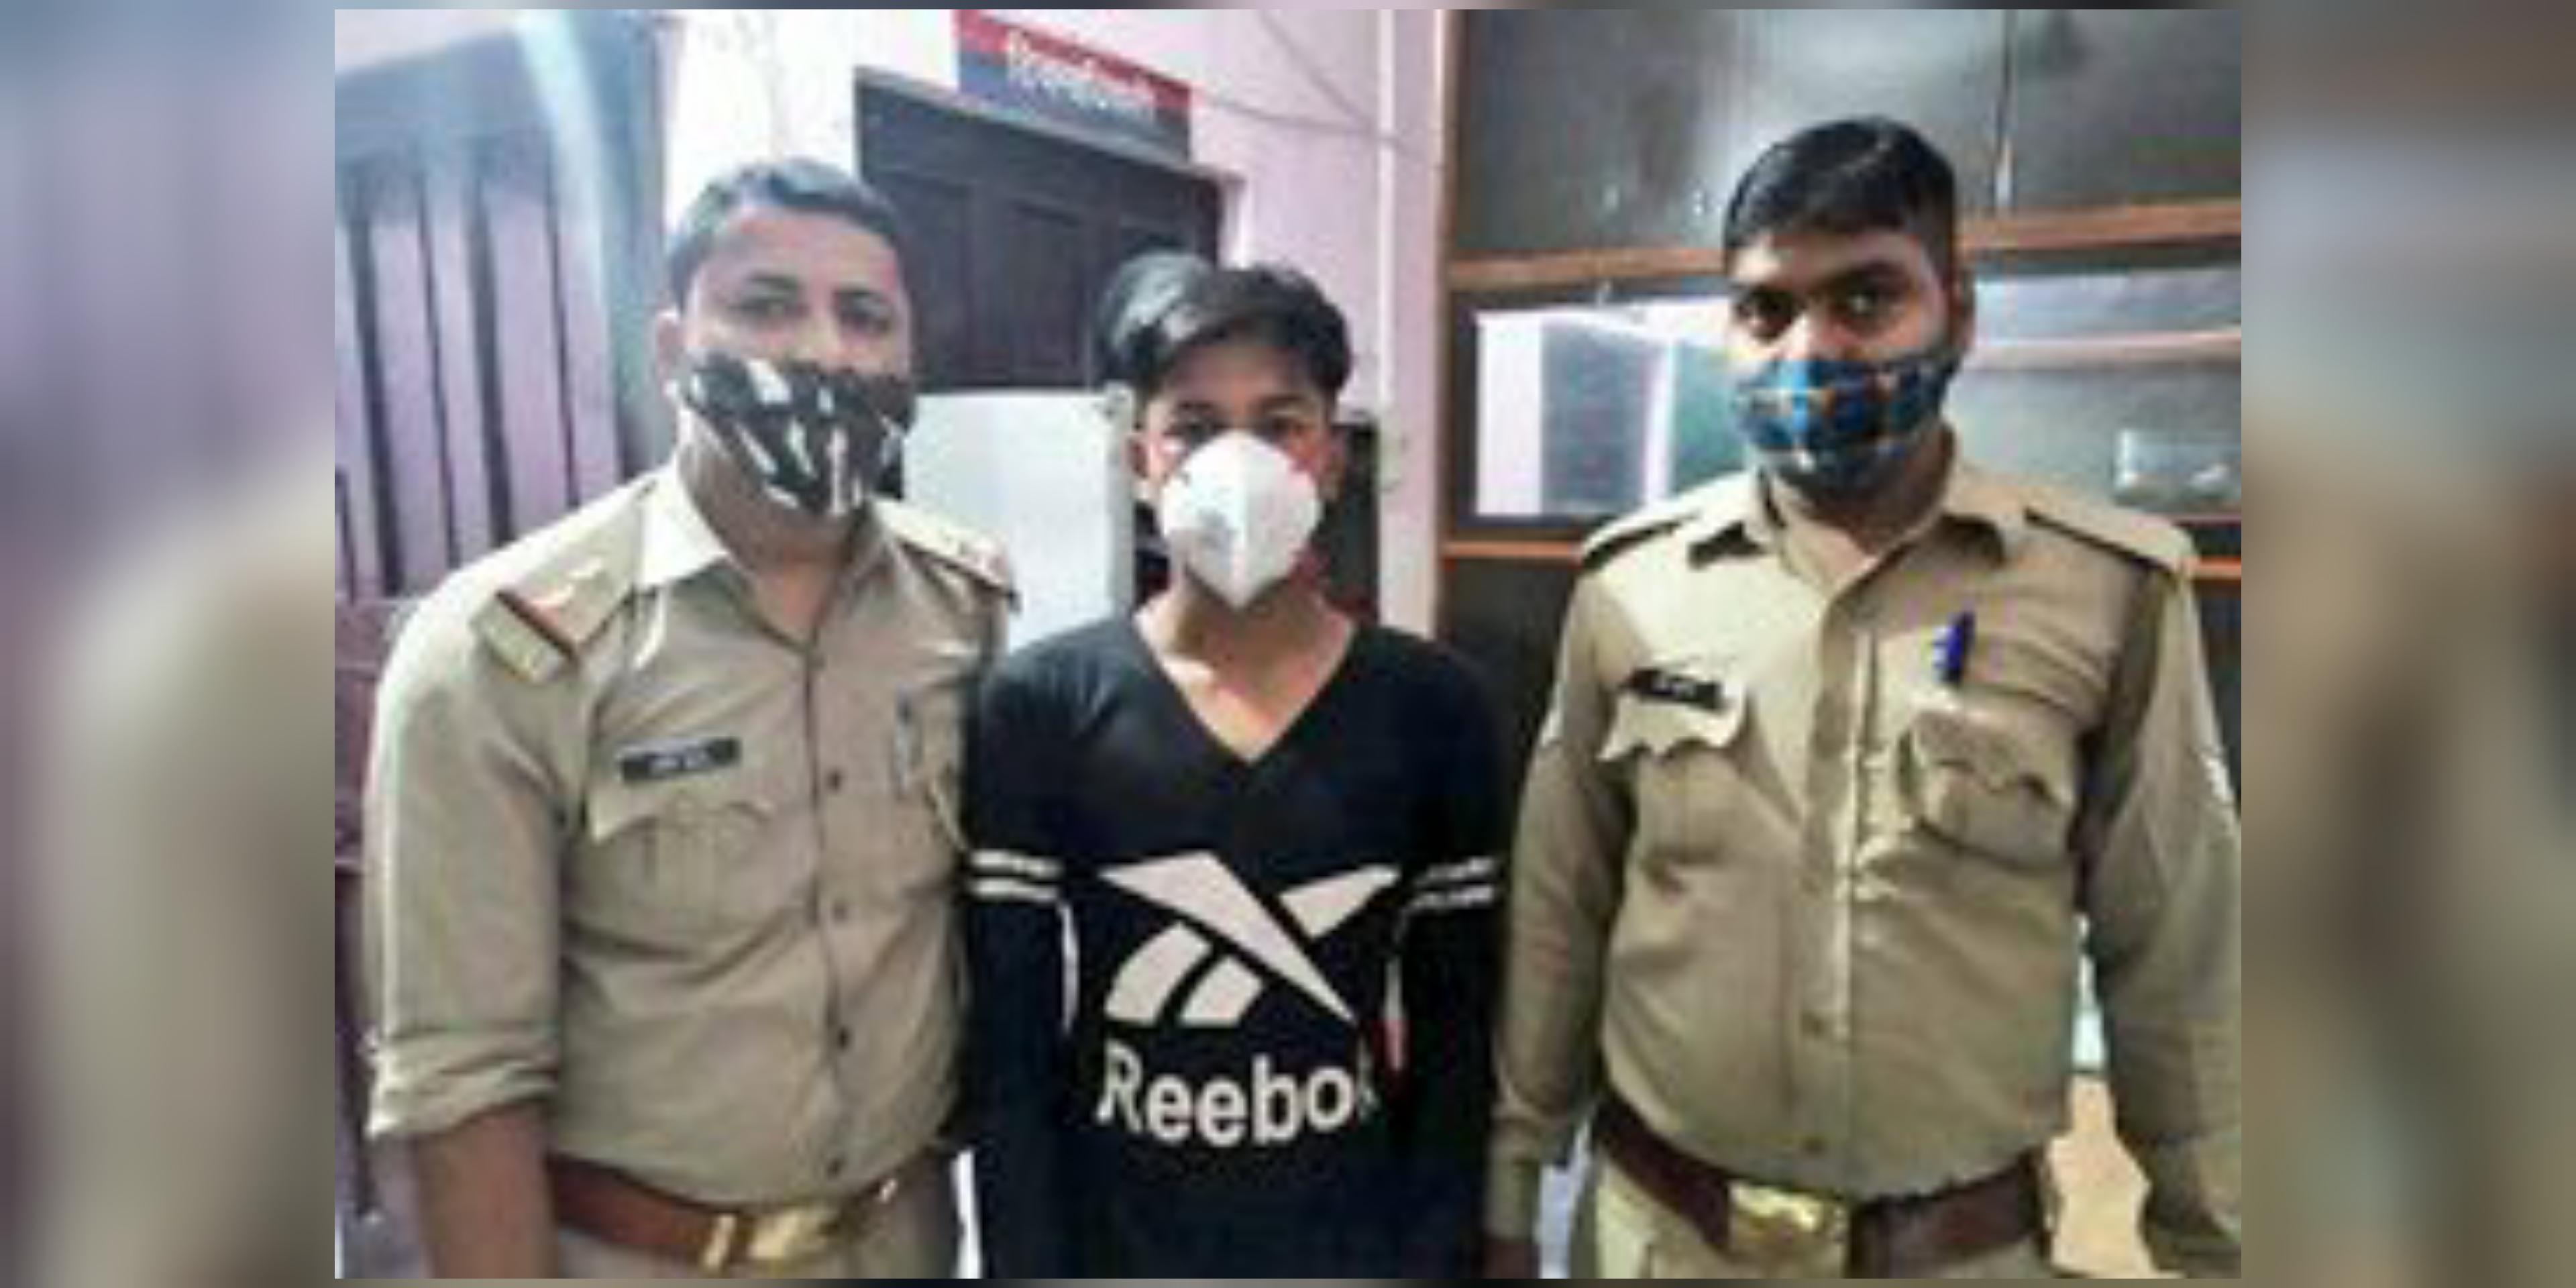 गाजियाबाद पुलिस ने सोशल मीडिया अकाउंट हैक करने में मोहम्मद शाद नाम के शख्स को गिरफ्तार किया है। - Dainik Bhaskar